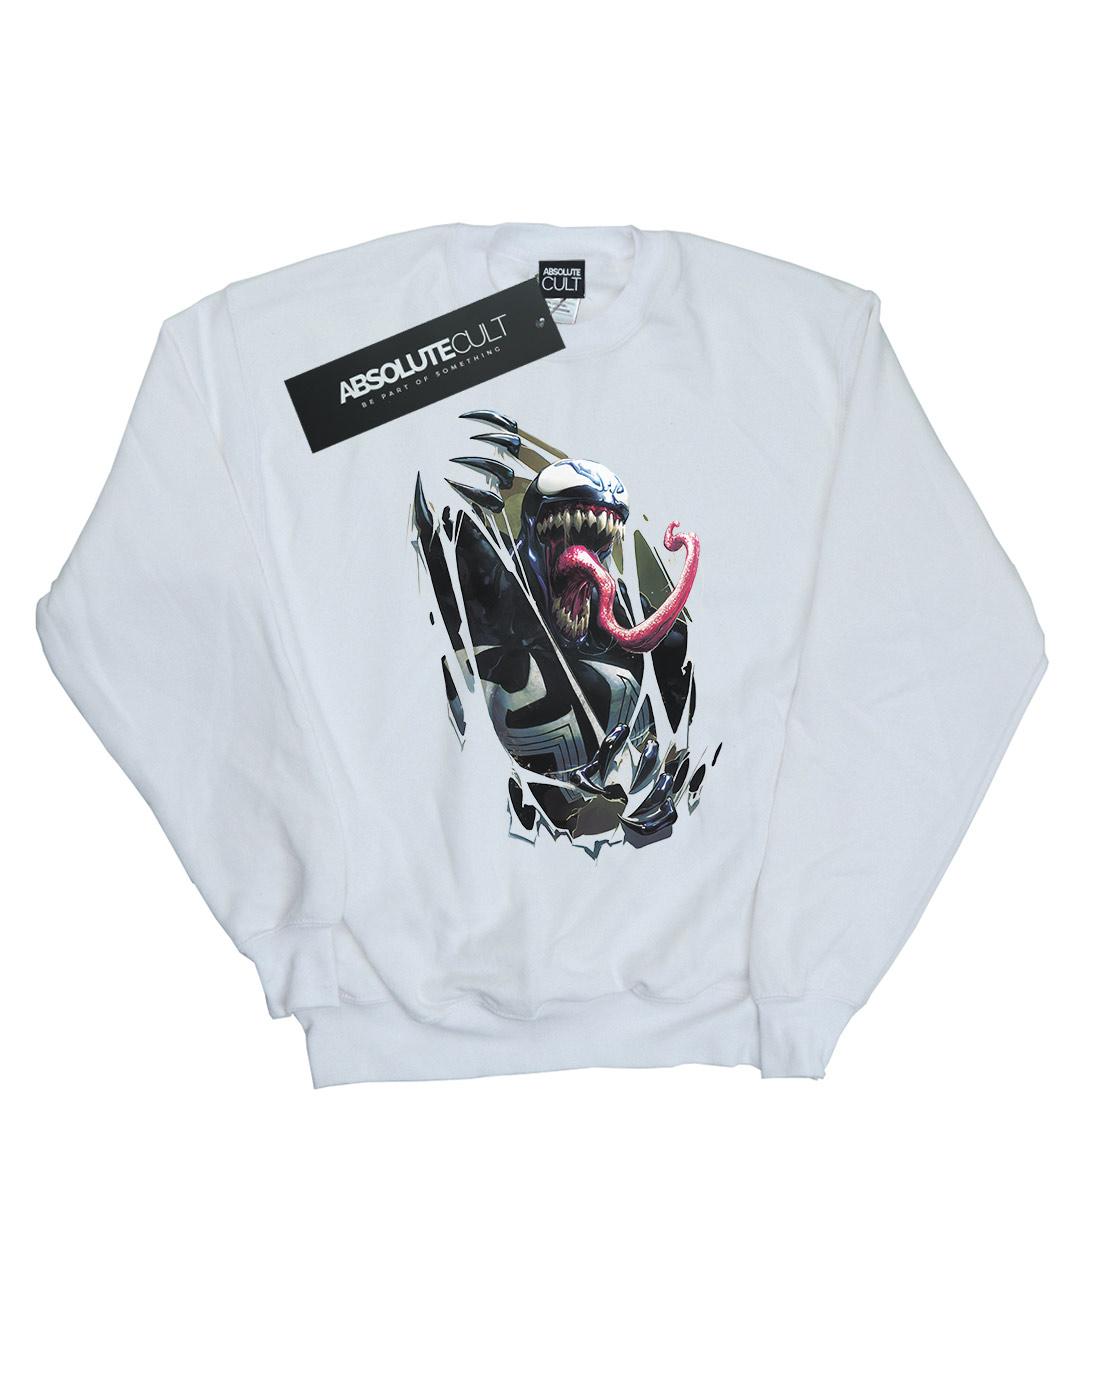 Marvel Damen Venom Venom Venom Chest Burst Sweatshirt | Maßstab ist der Grundstein, Qualität ist Säulenbalken, Preis ist Leiter  | Überlegene Qualität  d6f61f